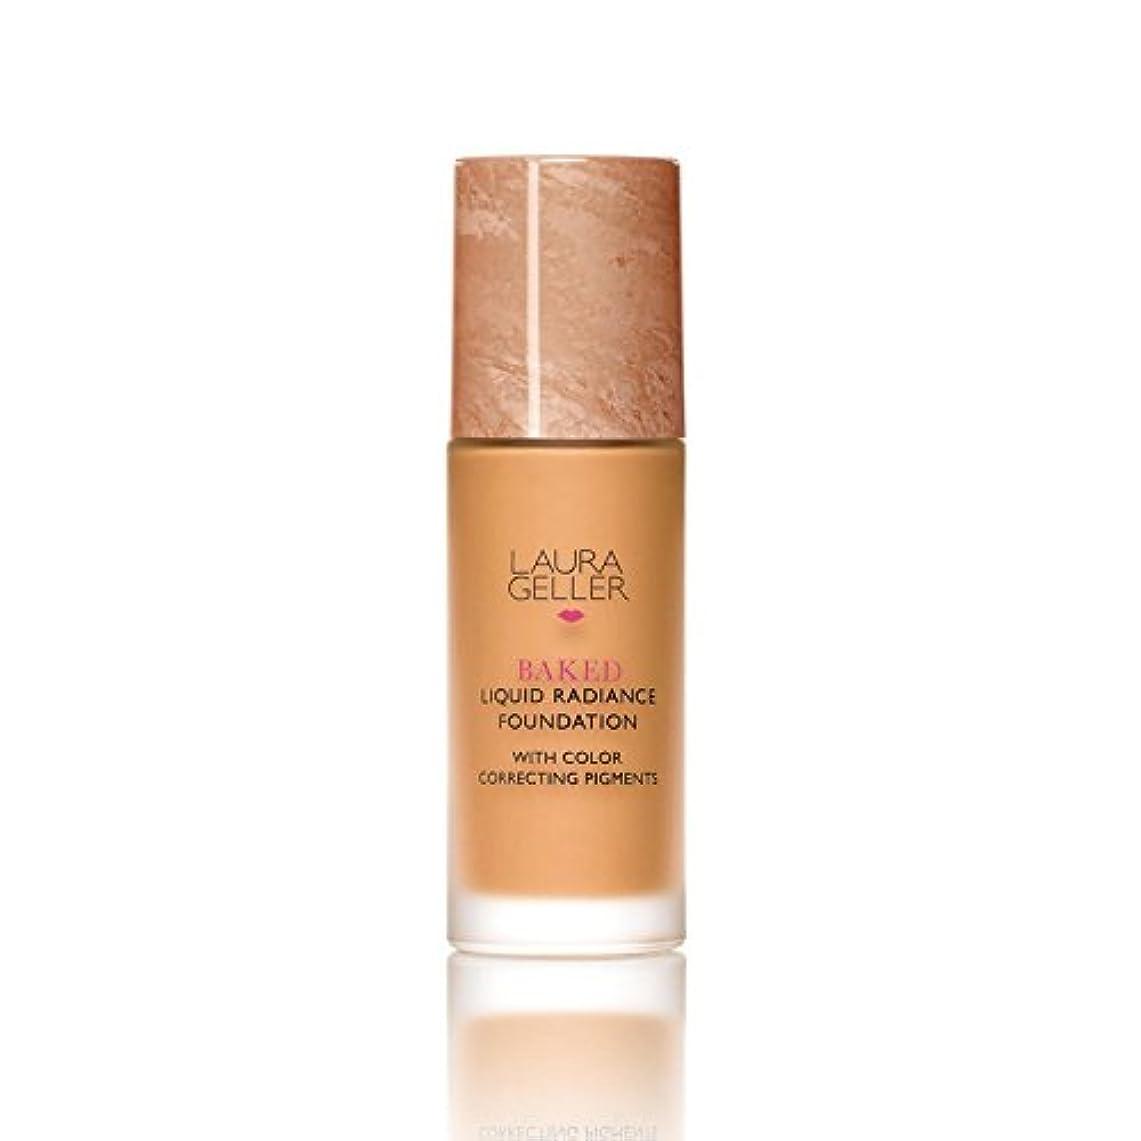 ビット住居後世ローラ?ゲラーニューヨーク焼いた液体放射輝度基盤日焼け x2 - Laura Geller New York Baked Liquid Radiance Foundation Tan (Pack of 2) [並行輸入品]